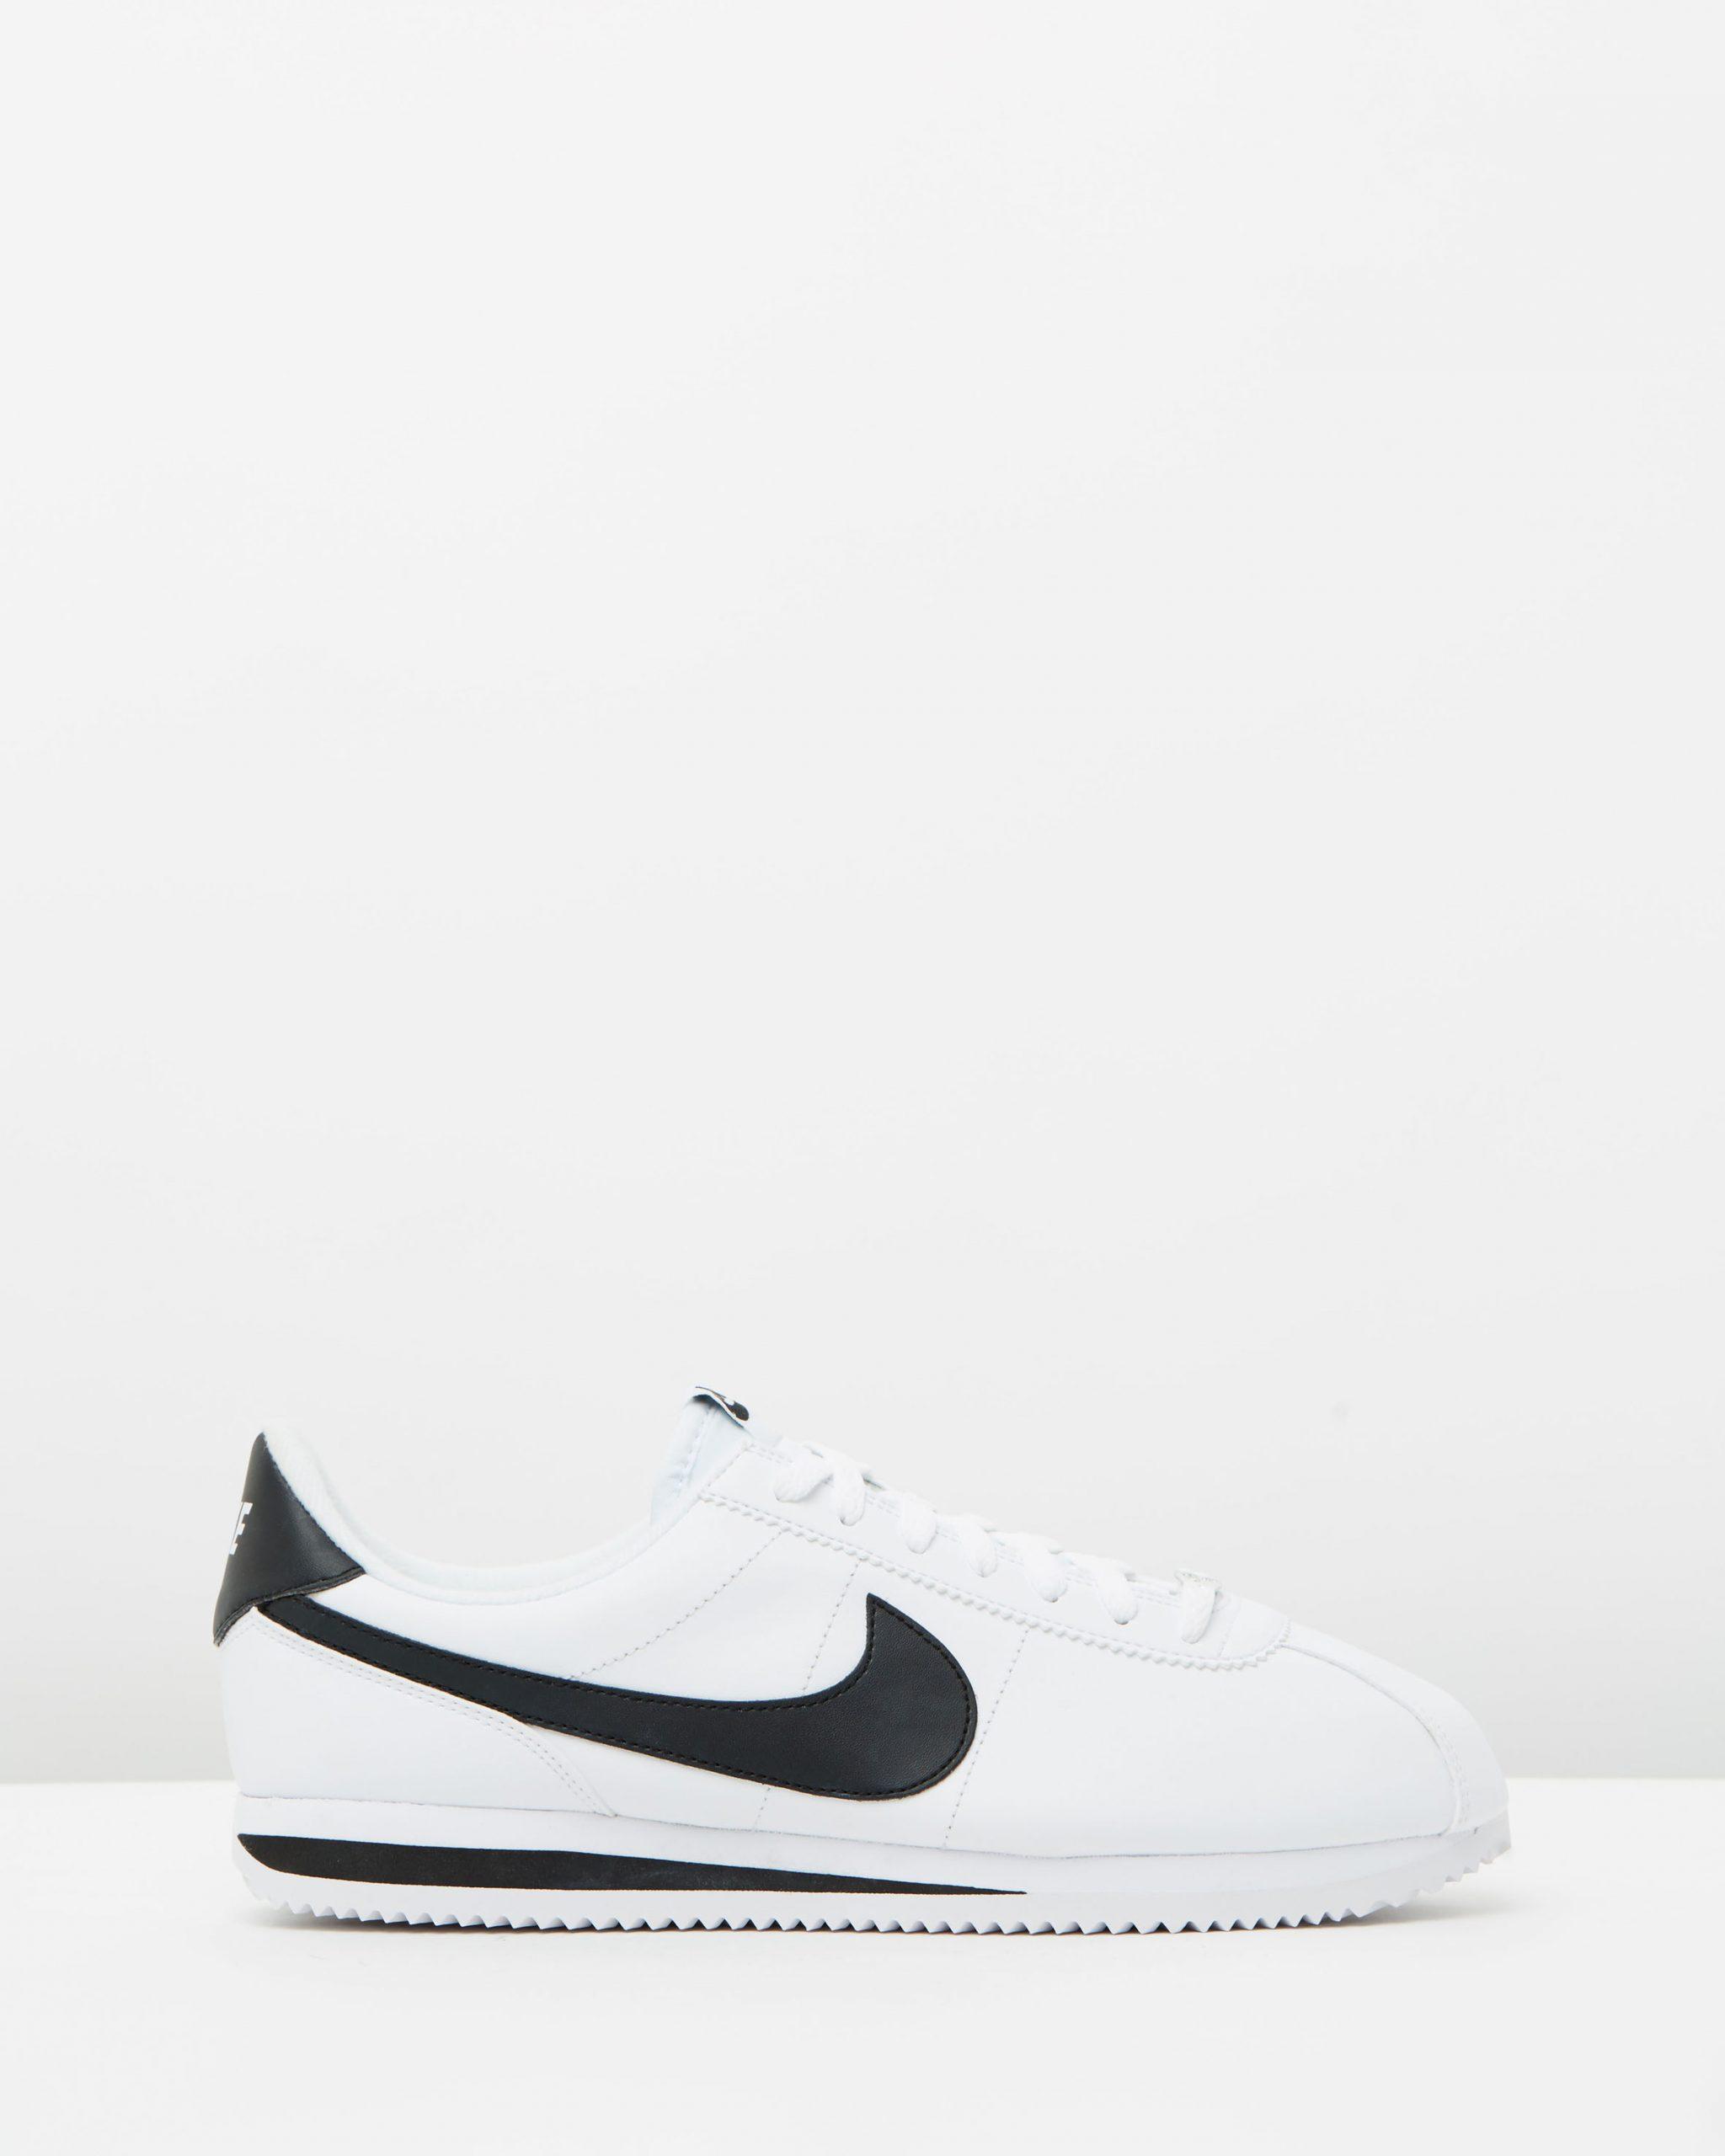 Nike Cortez Basic Leather White, Black & Metallic Silver